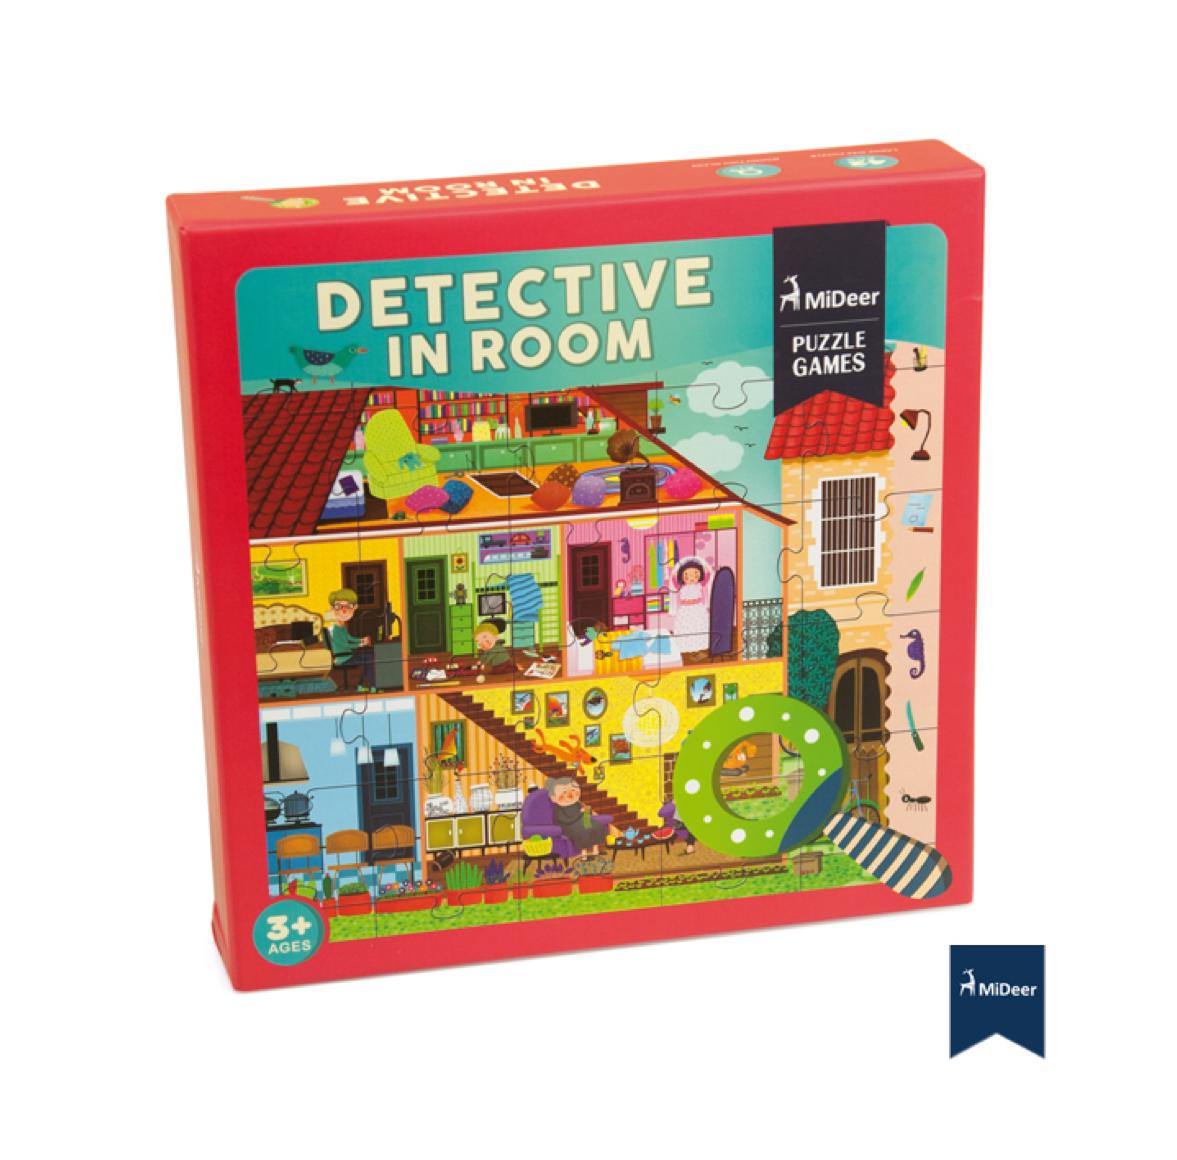 puzzle-detective-in-room-de-mideer-en-el-mundo-de-mico-2